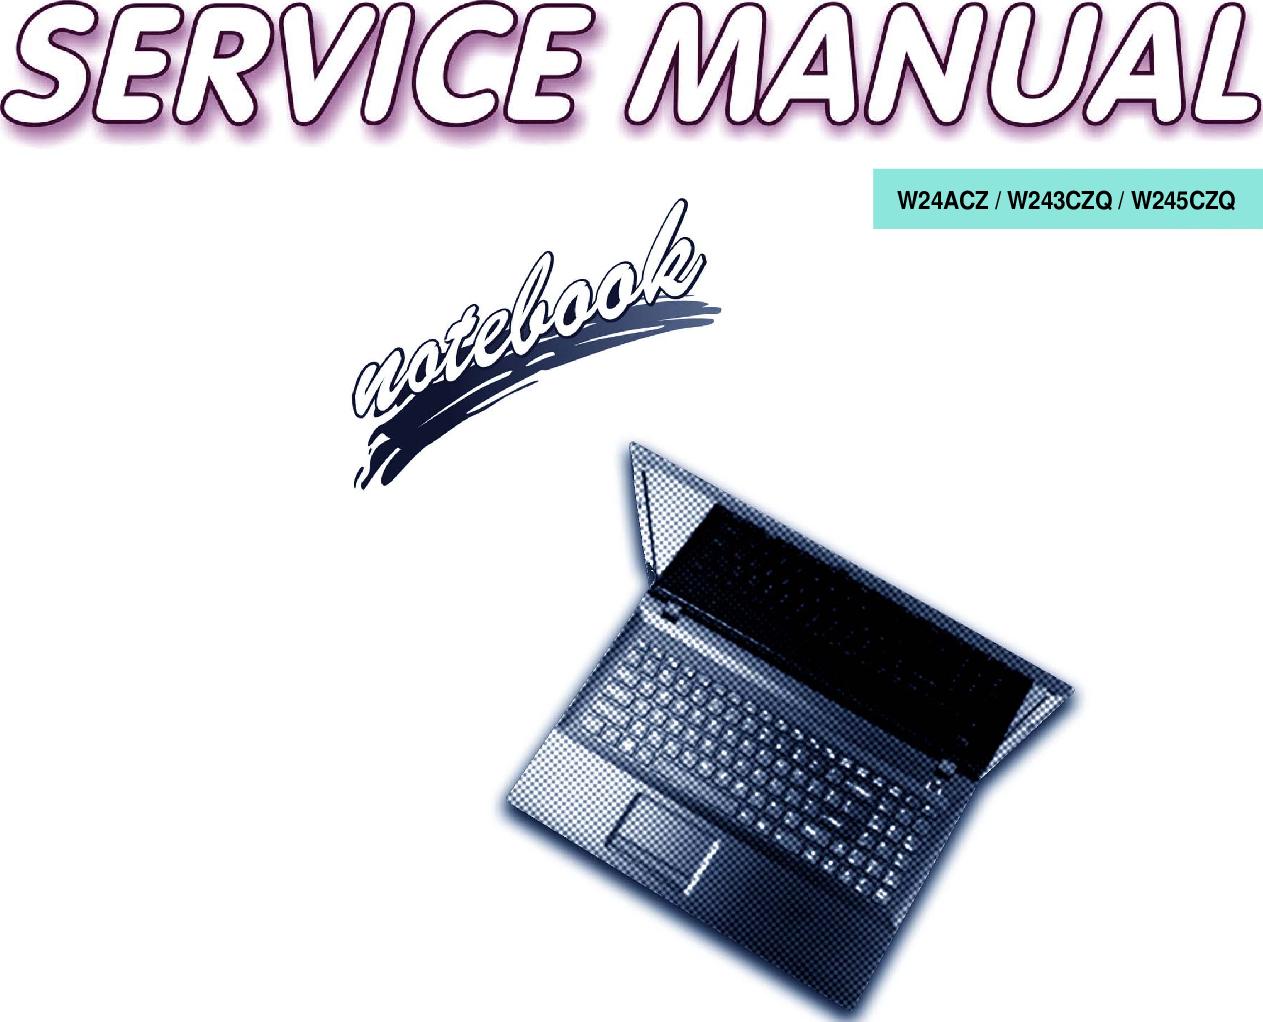 Clevo W24ACZ, W243CZQ, W245CZQ Service Manual  Www s manuals com  Manual